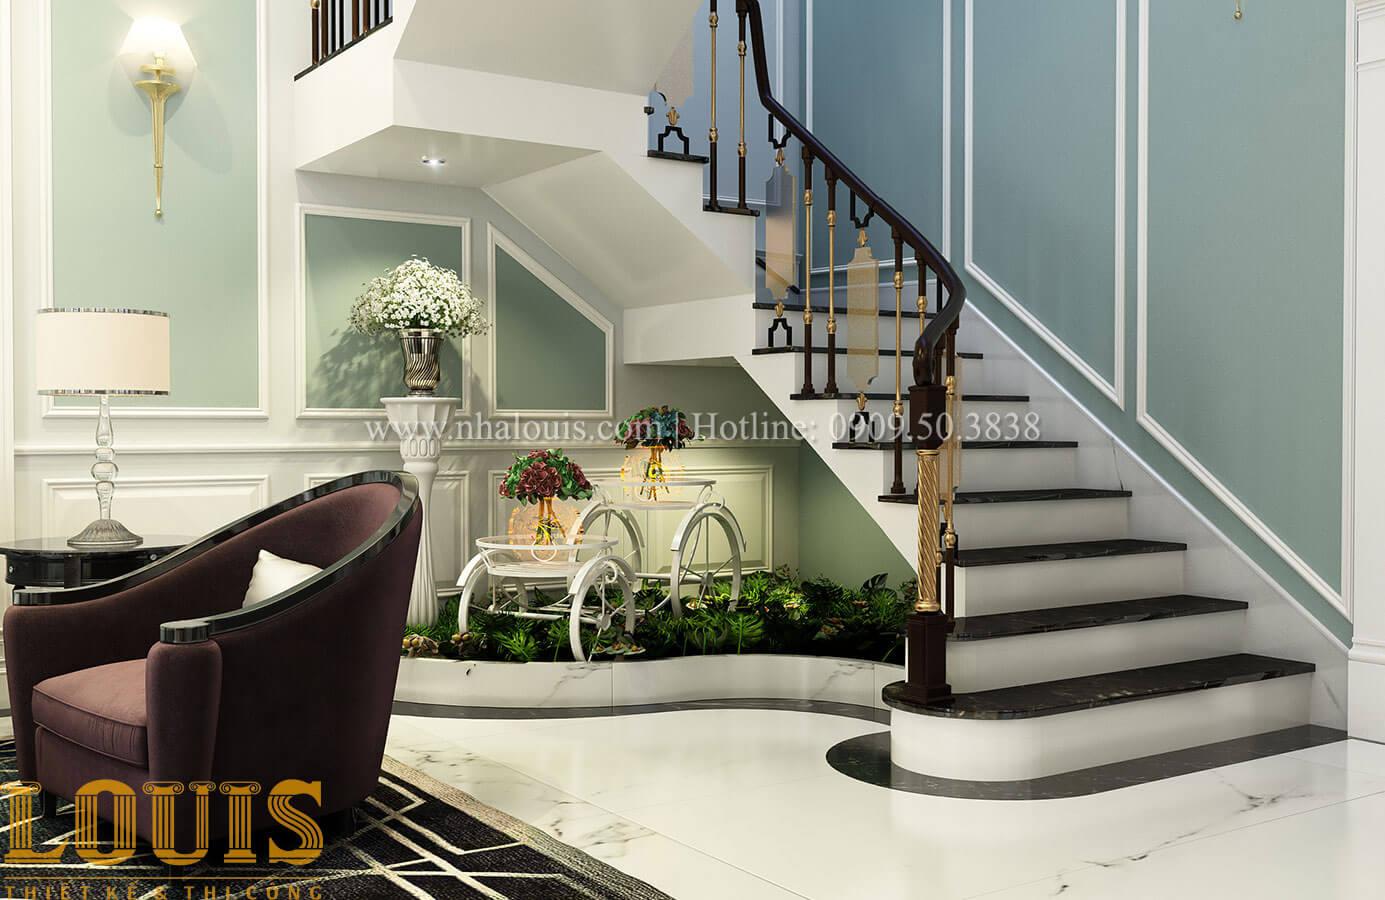 Tiểu cảnh cầu thang Thiết kế biệt thự 3 tầng đẹp có sân vườn ở miền quê Đồng Nai - 16